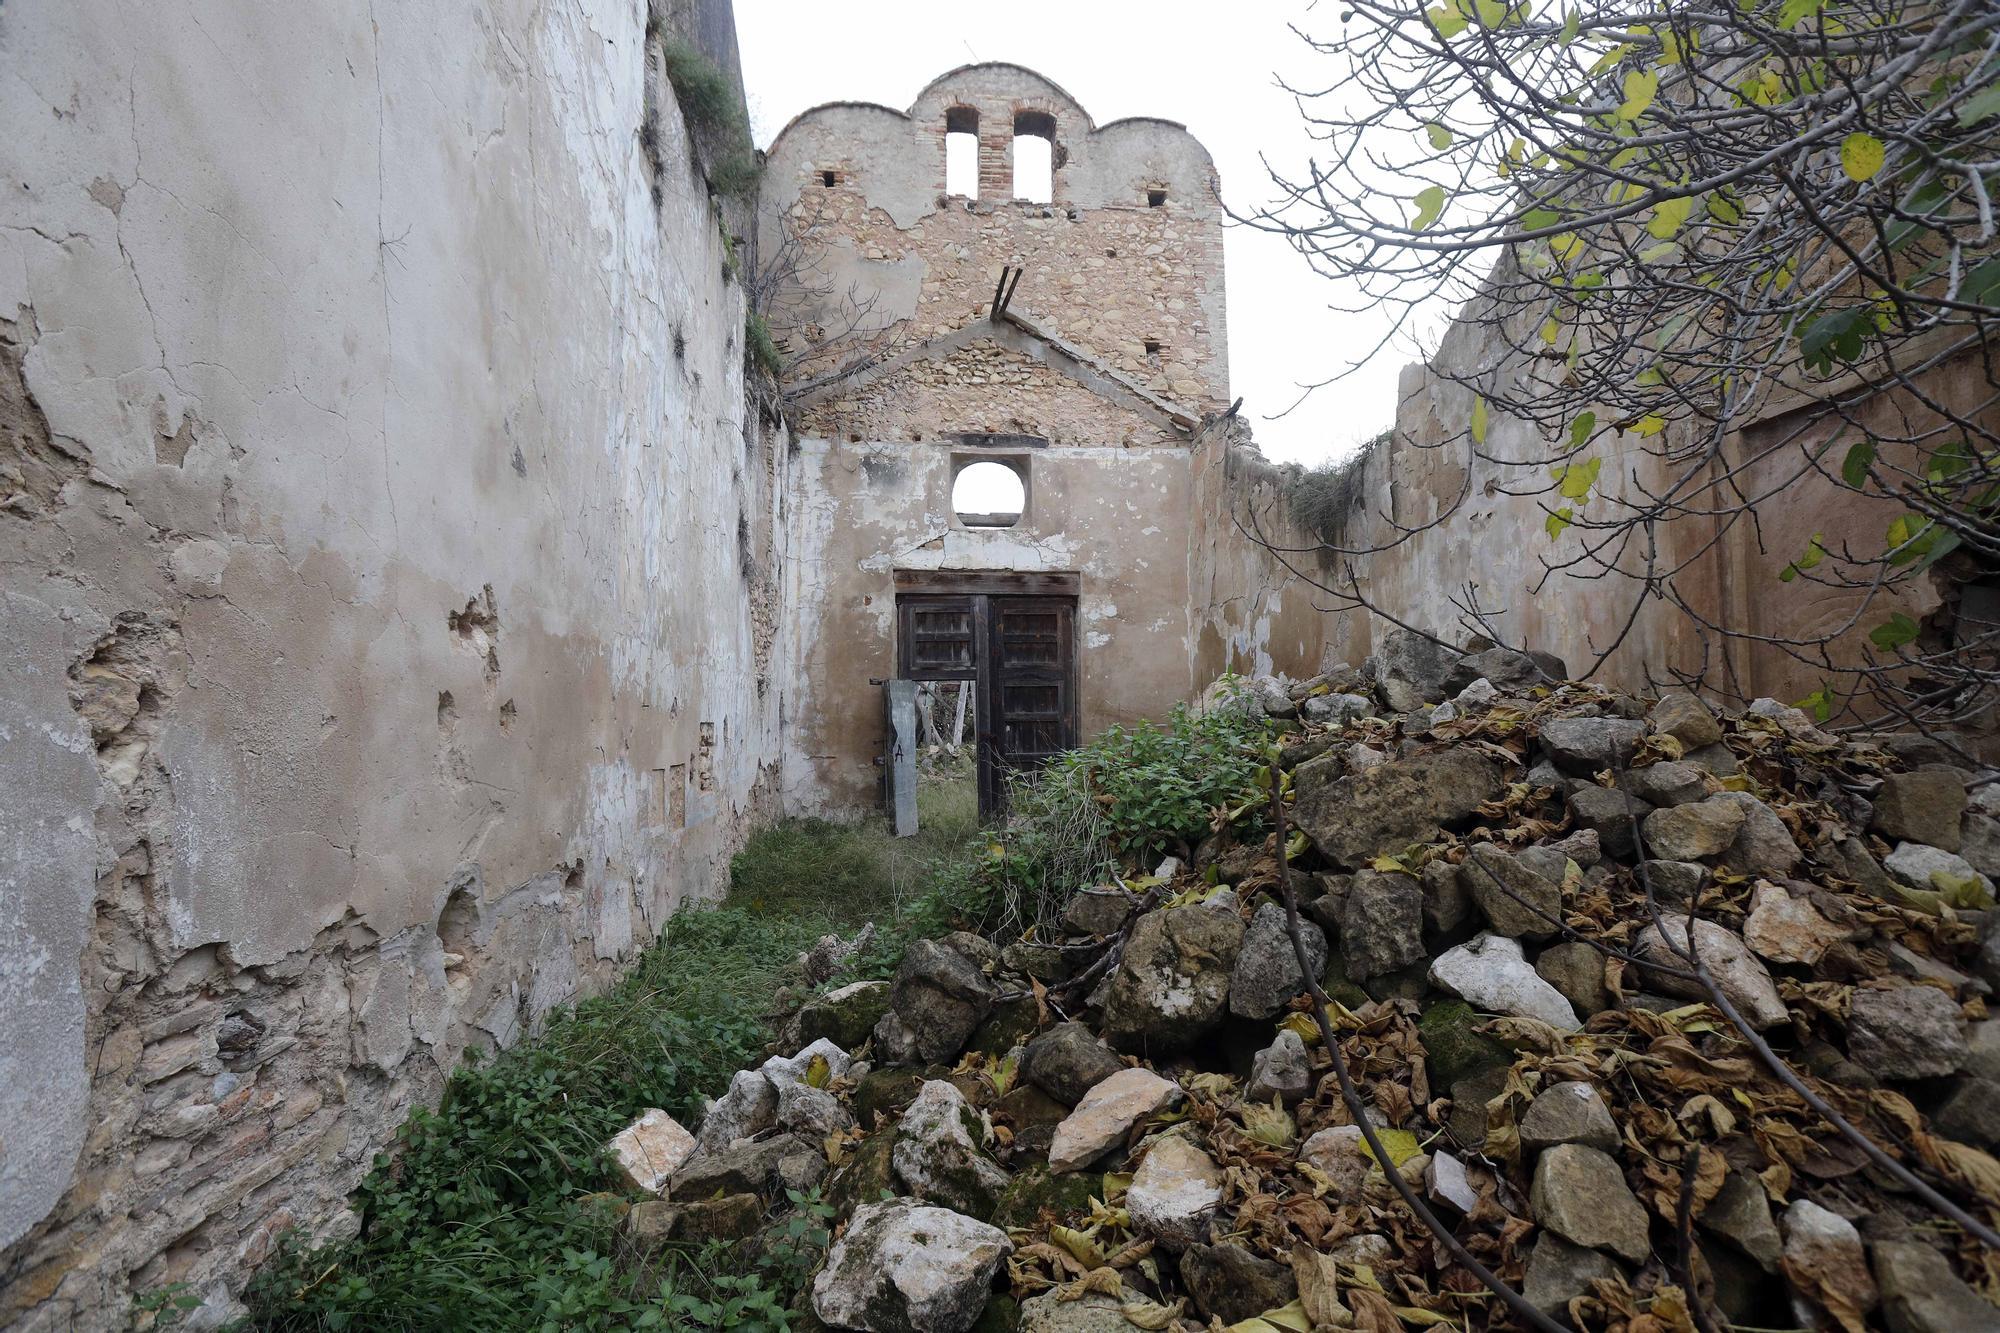 El poblado abandonado de Berfull, una cita con el pasado